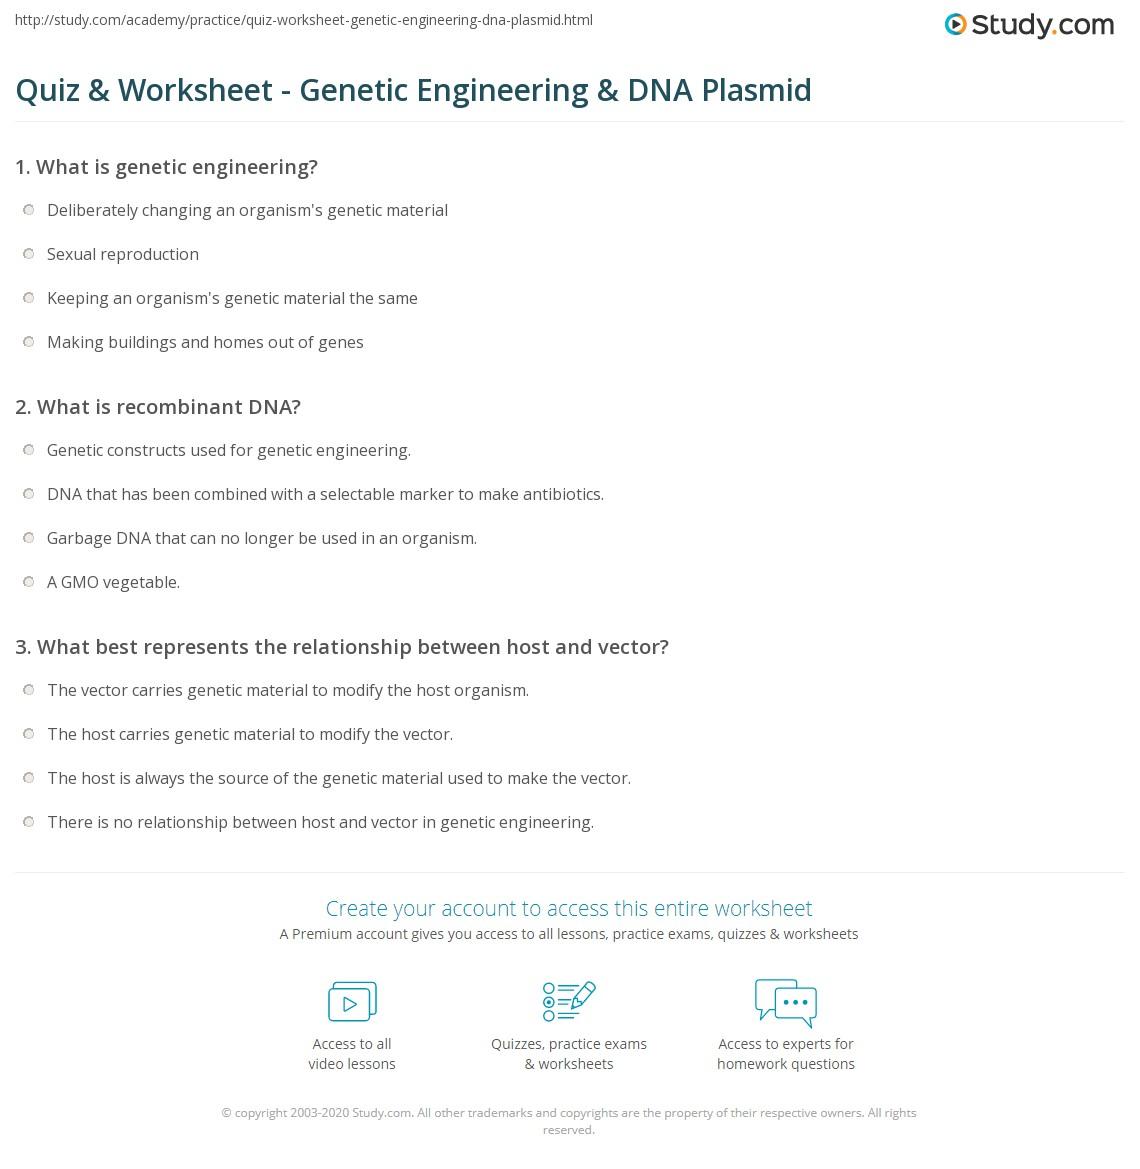 Quiz Worksheet Genetic Engineering Dna Plasmid Study